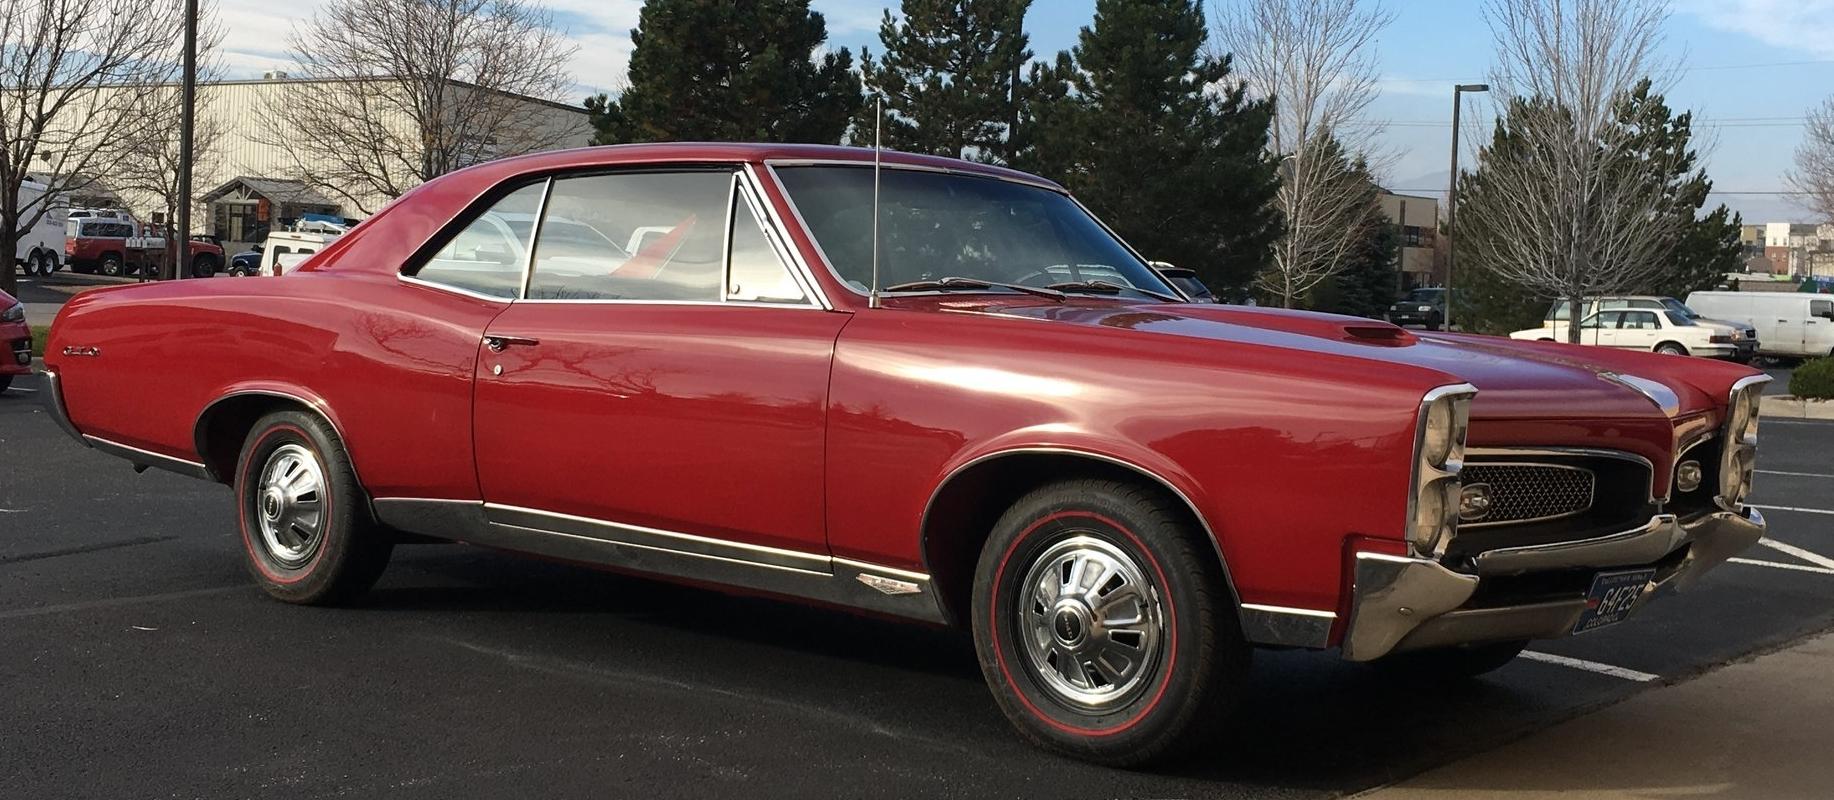 1967 GTO - Single owner full restoration